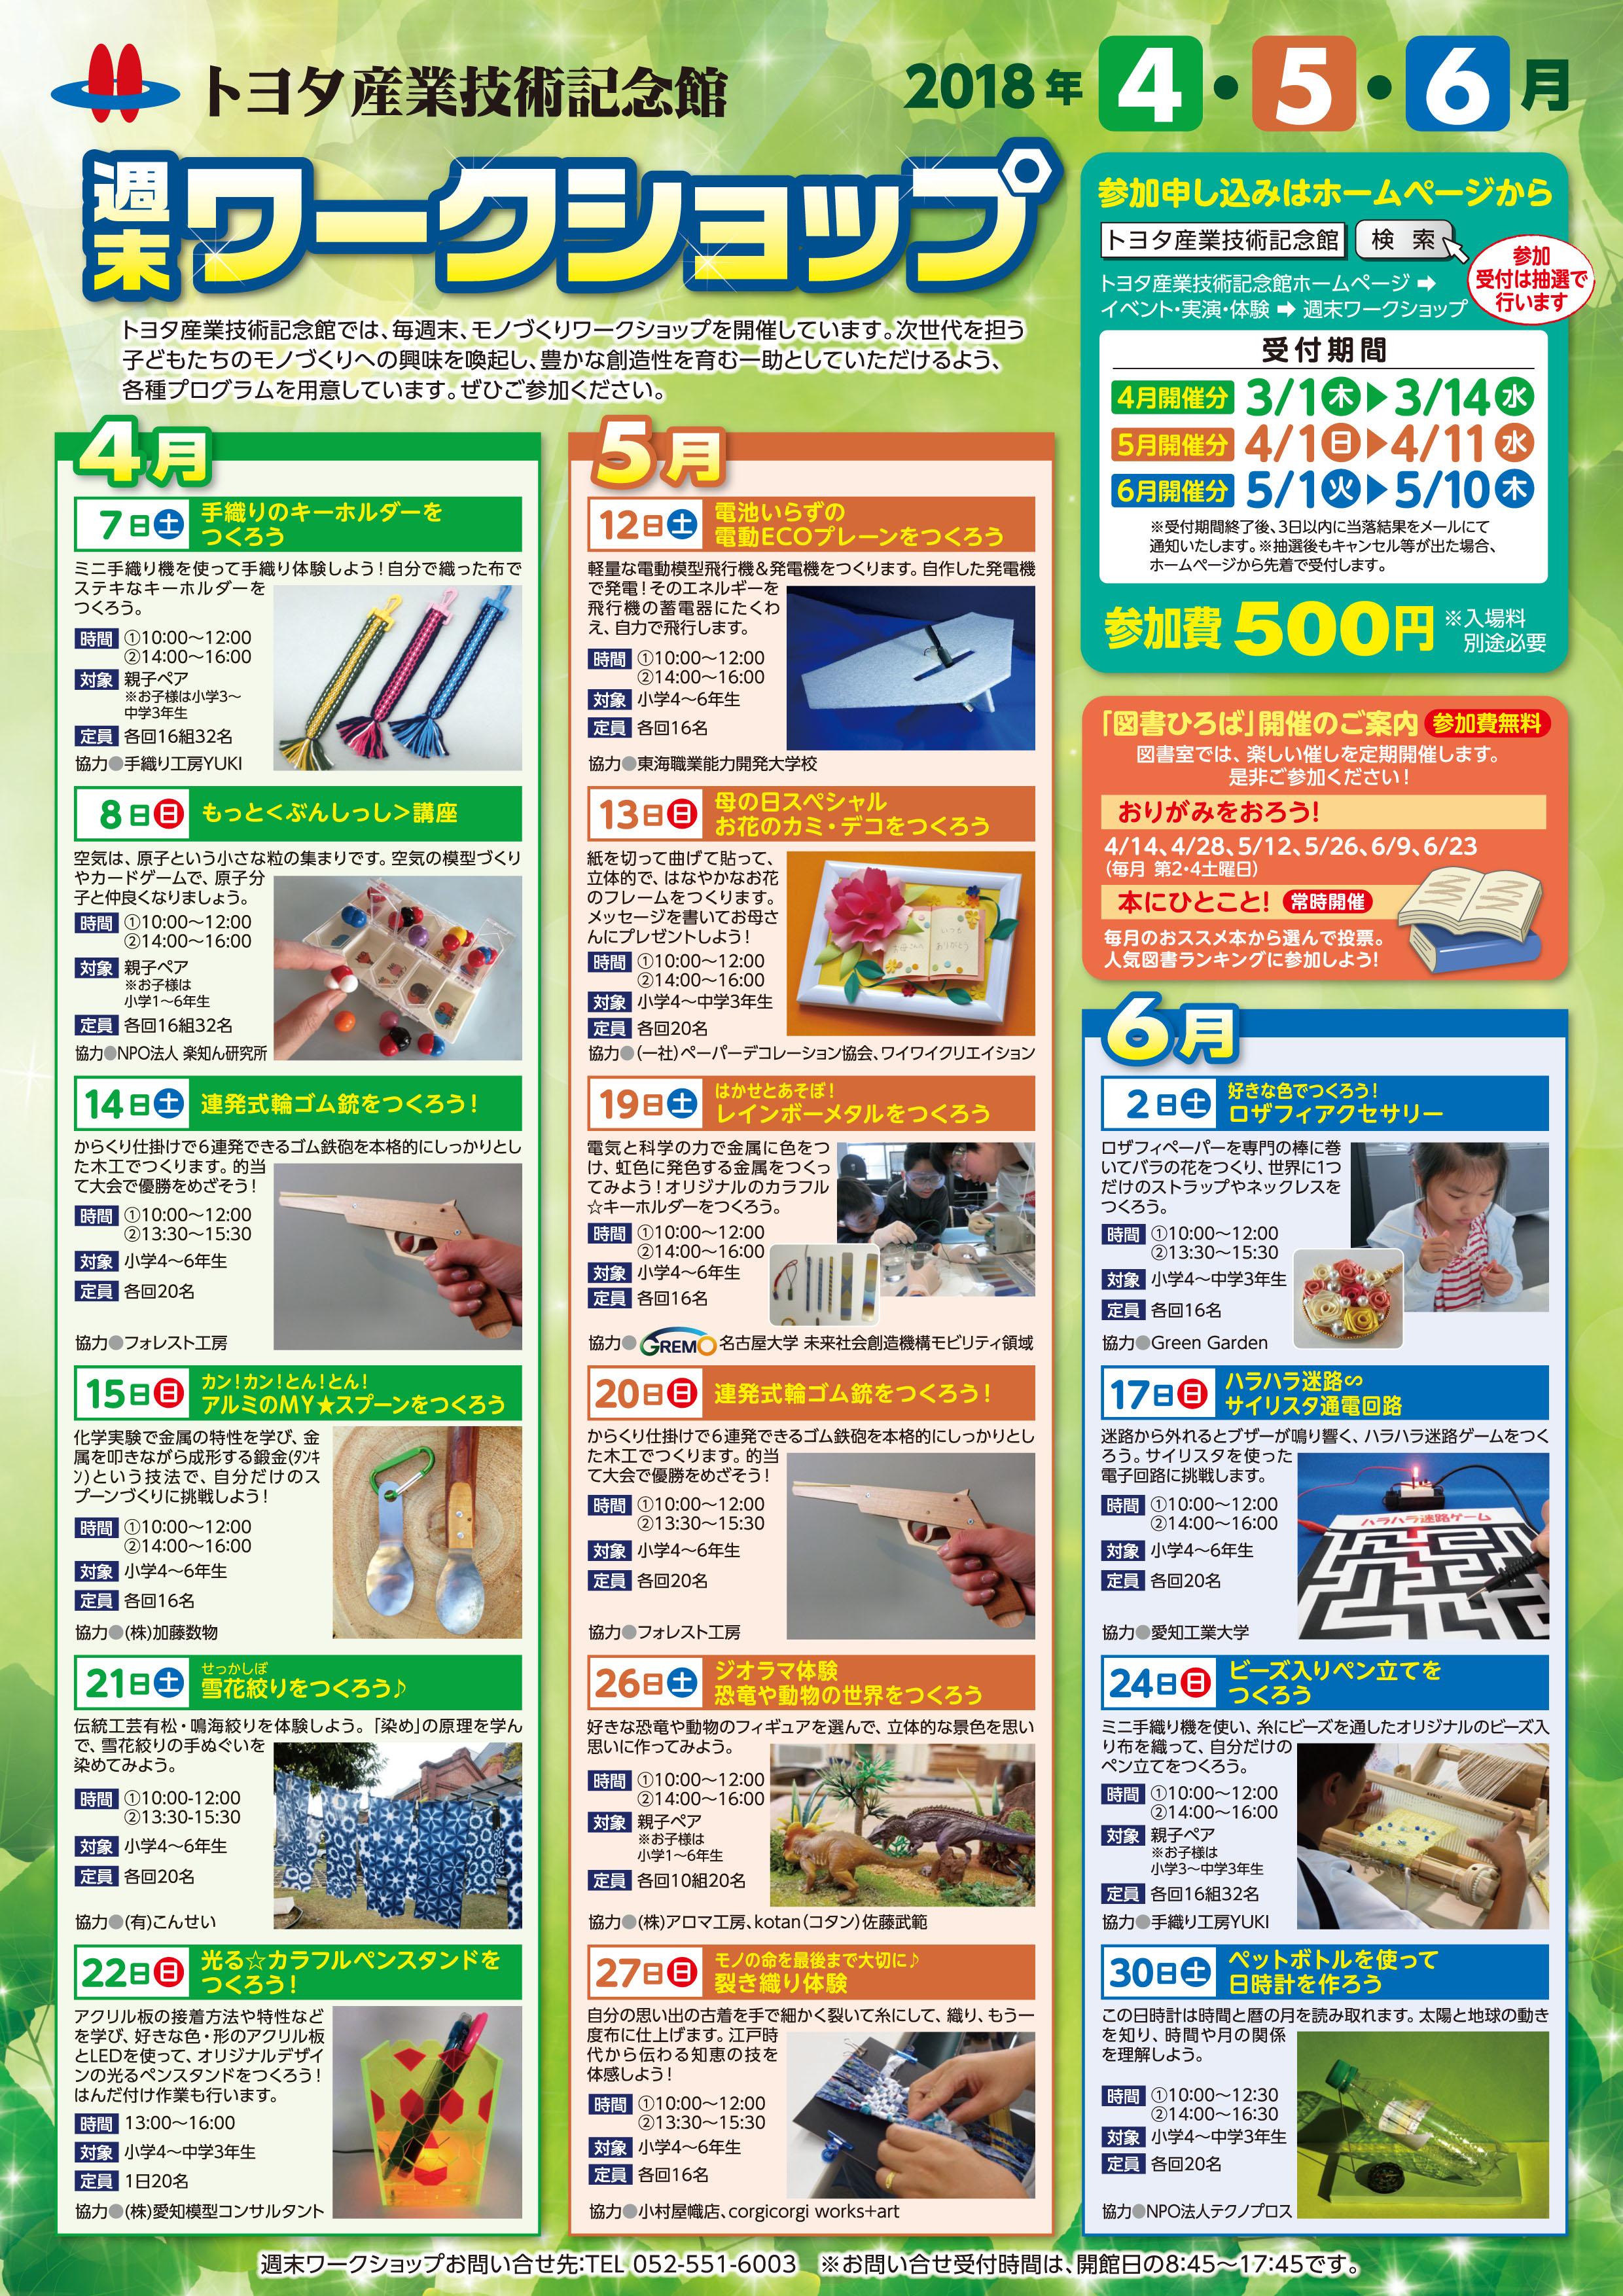 トヨタ産業技術記念館週末ワークショップ加藤数物